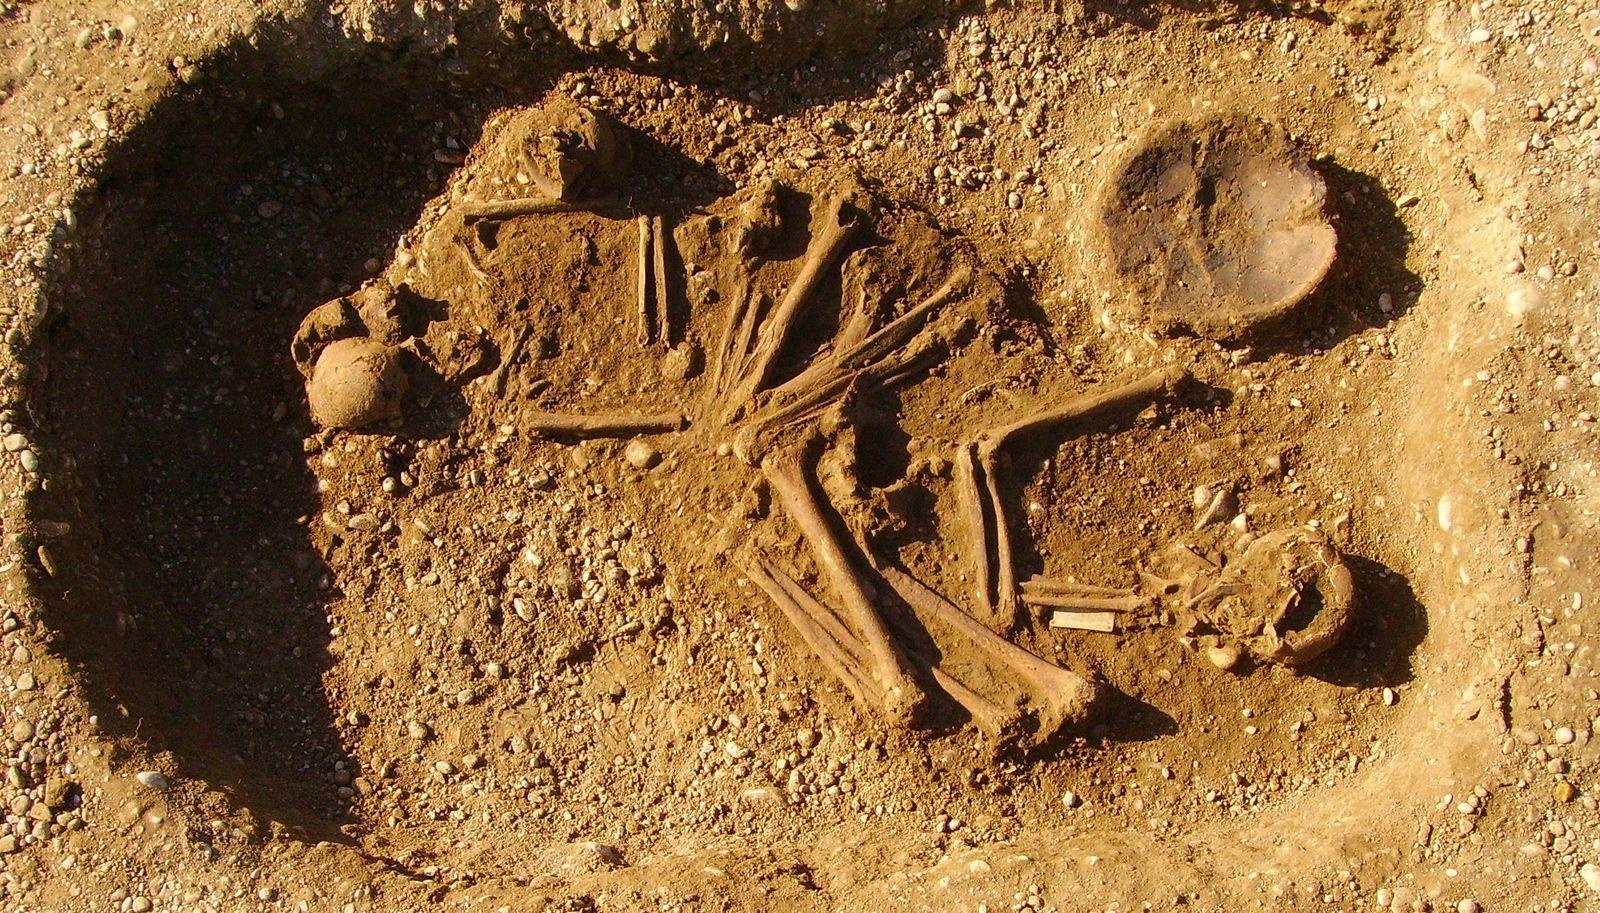 SPERRFRIST 4. SEPTEMBER 21.00 UHR EINMALIGE VERWENDUNG Skelett / Haunstetten